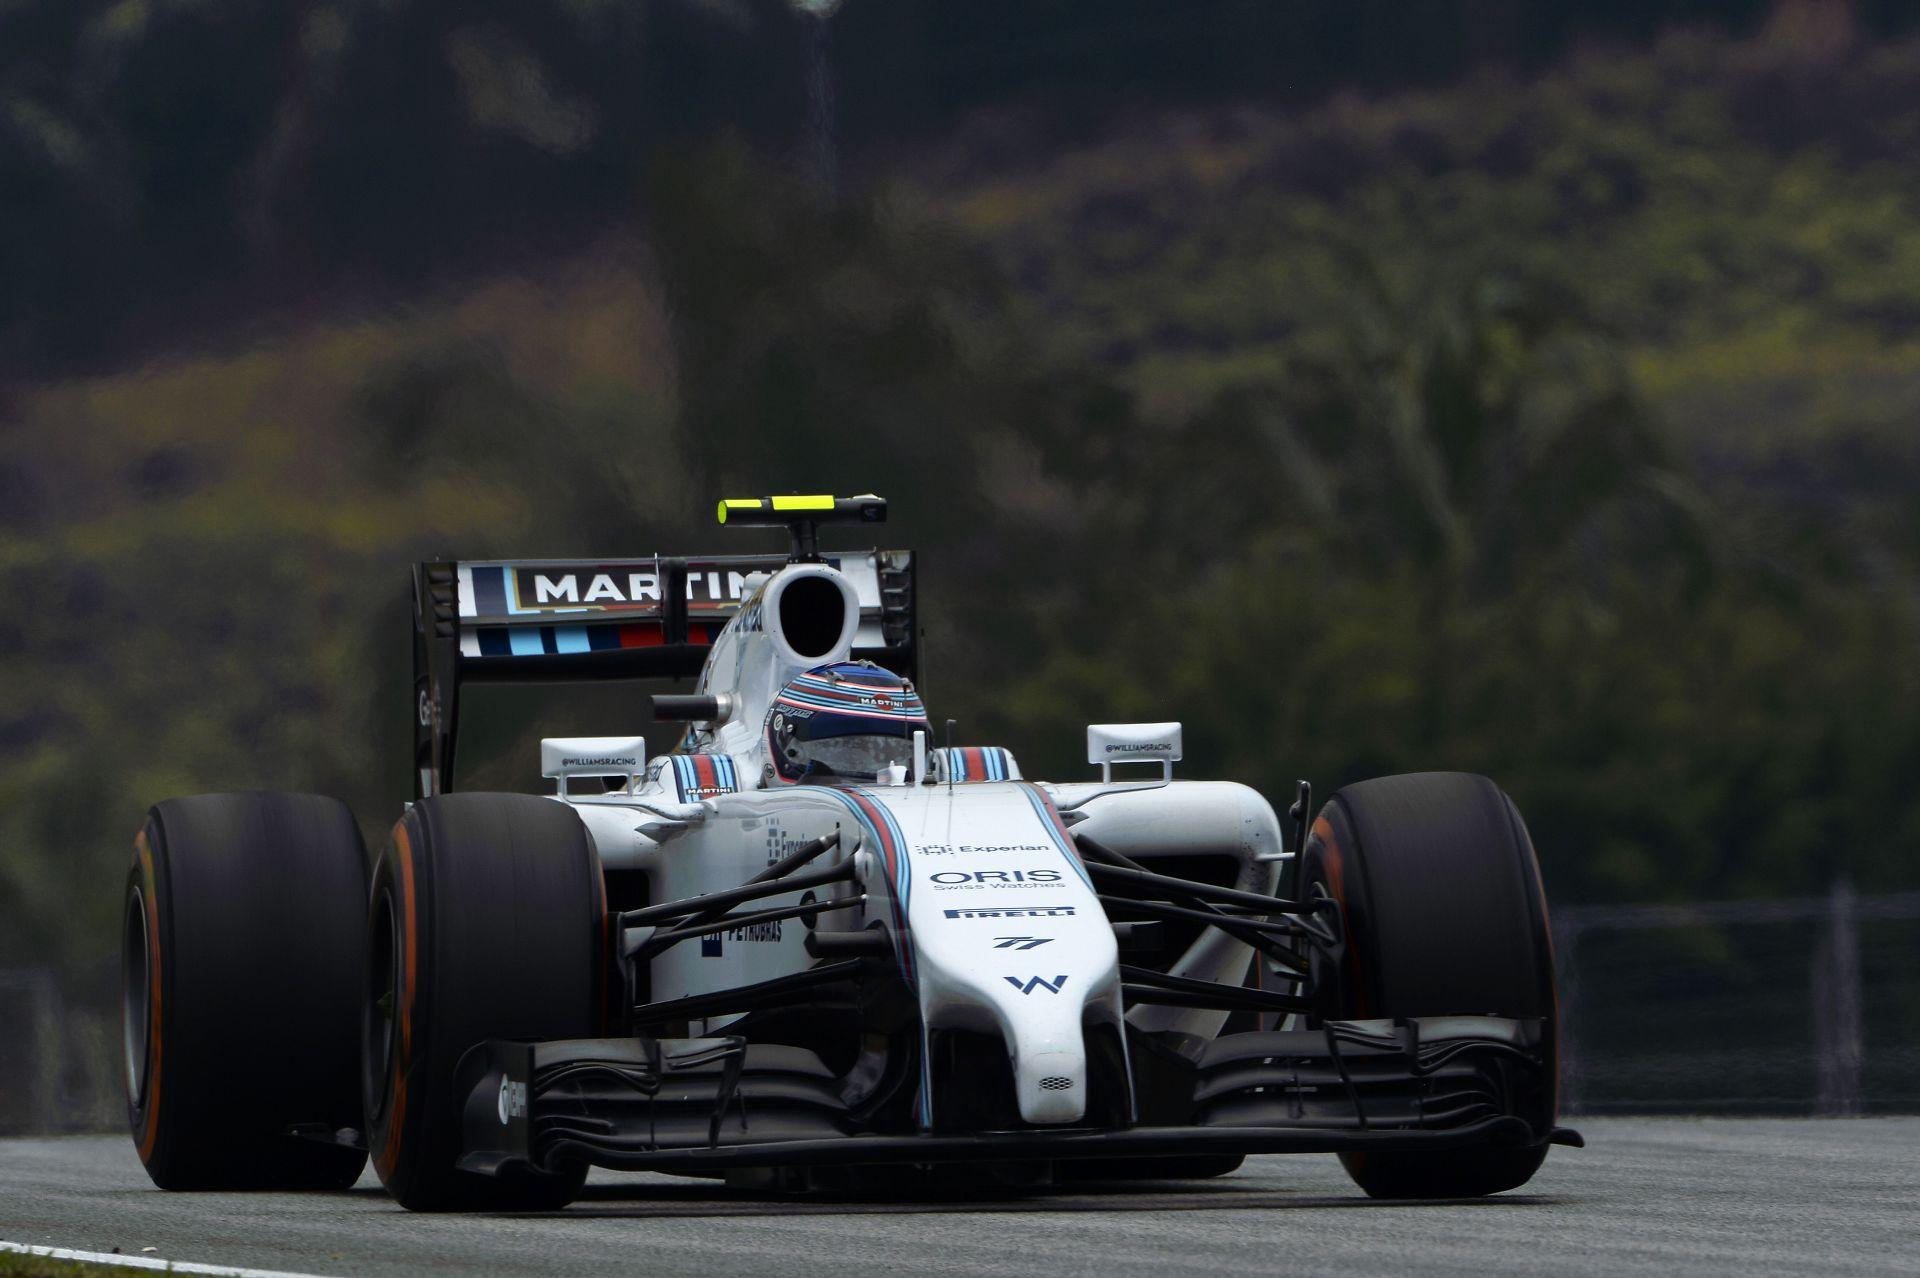 Nagyon komolyan fogyaszt a Williams: Massa és Bottas autója a legjobb ezen a területen